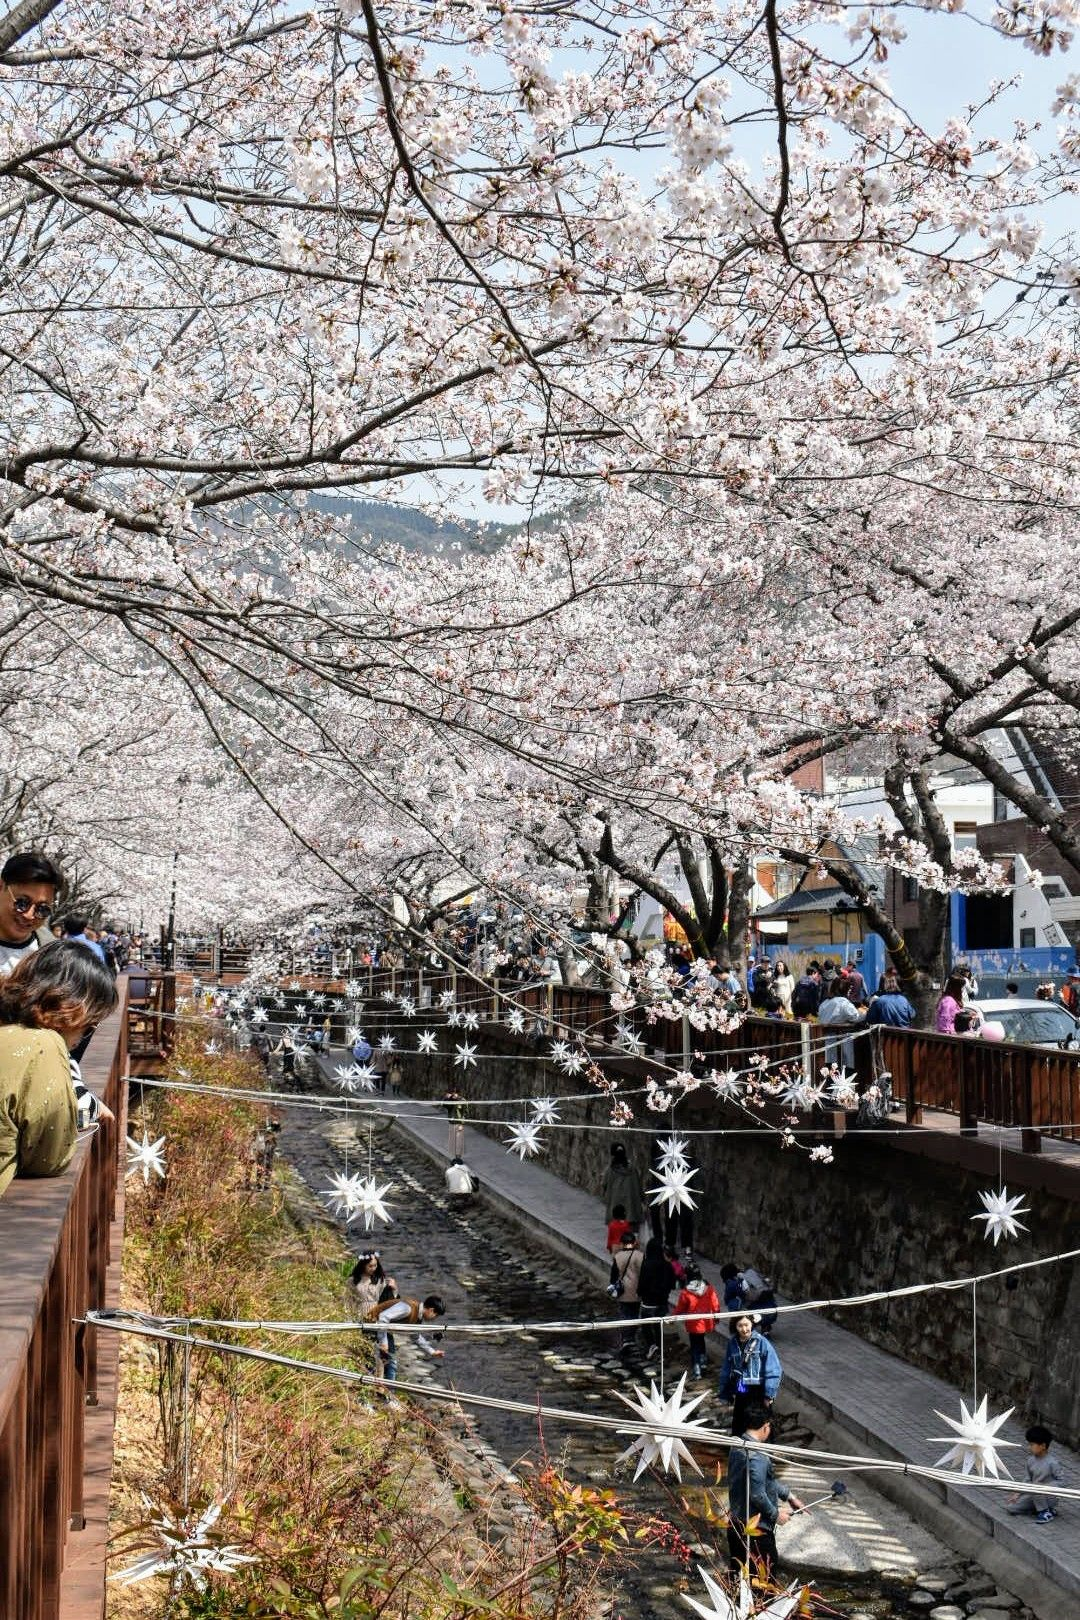 Cherry Blossom Season In South Korea Jinhae South Korea April 2018